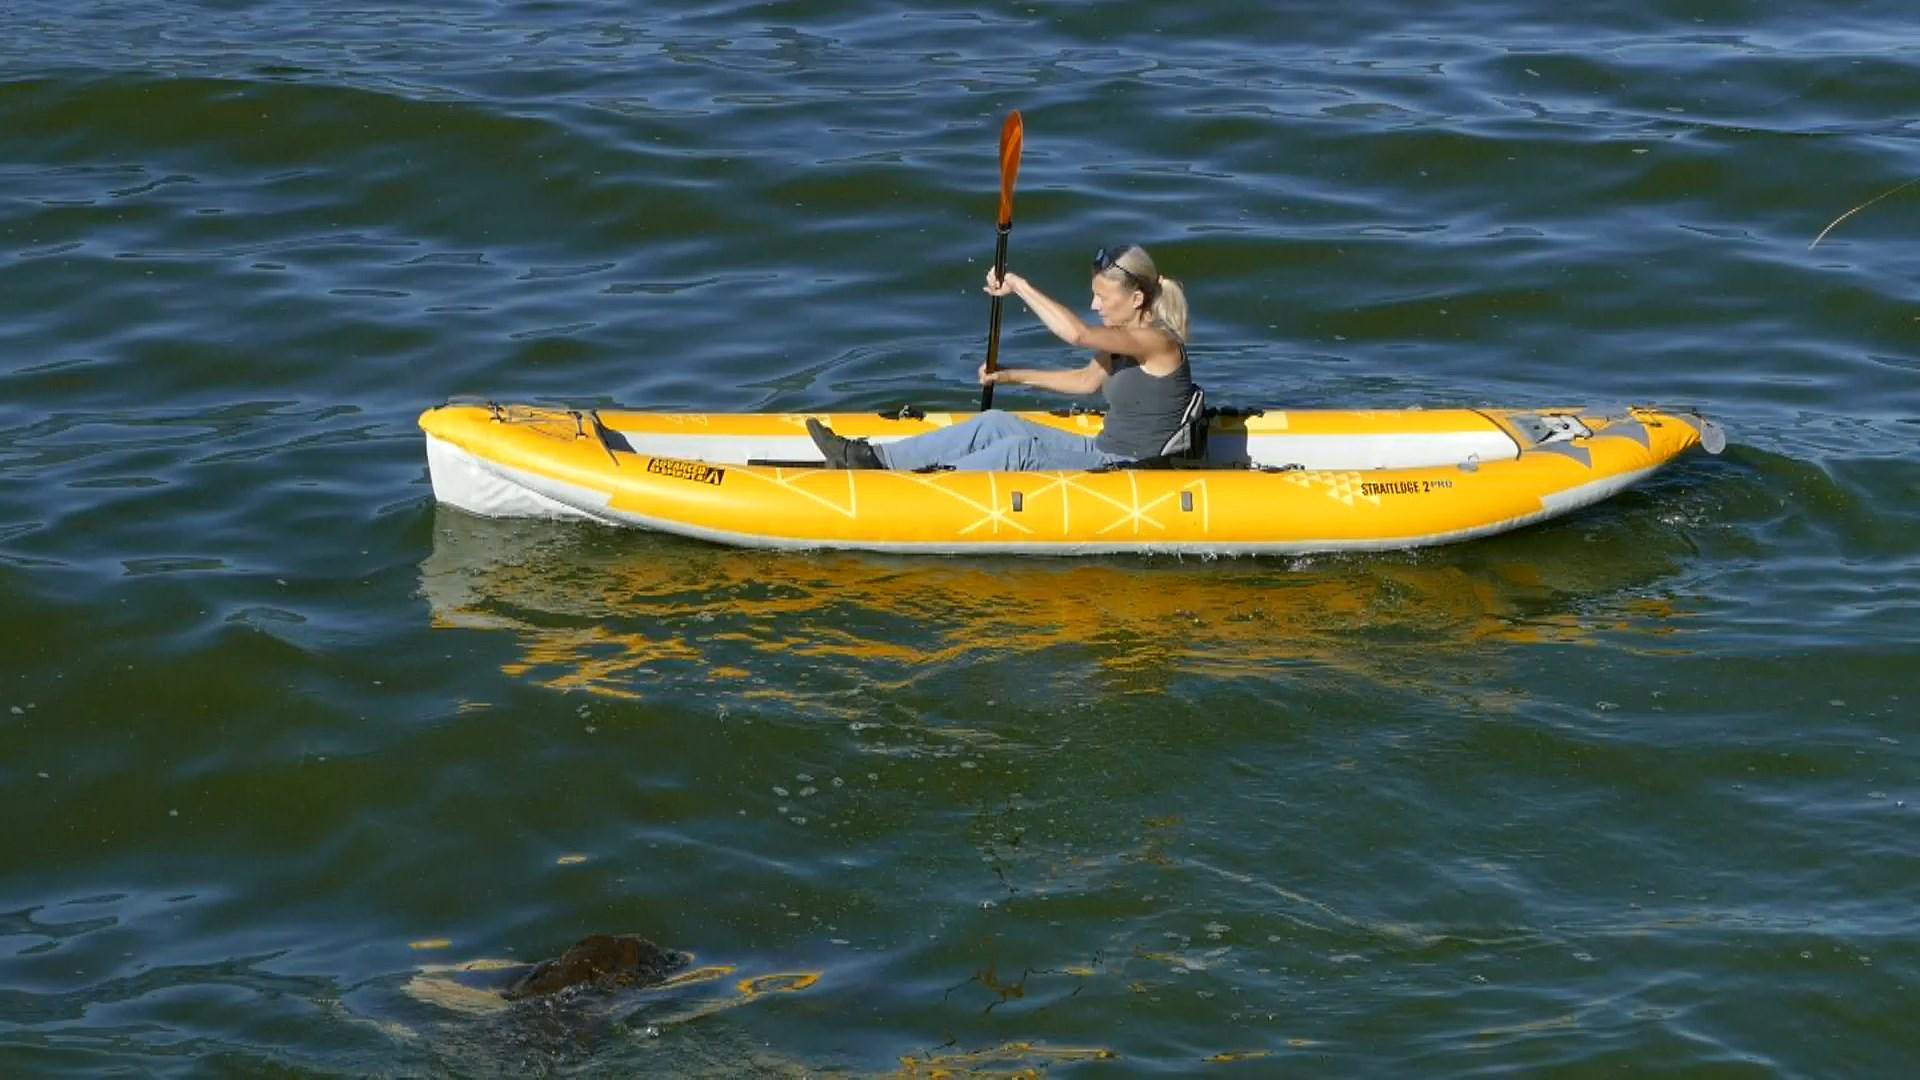 Advanced Elements StraitEdge2 Pro Inflatable Kayak - paddled solo.